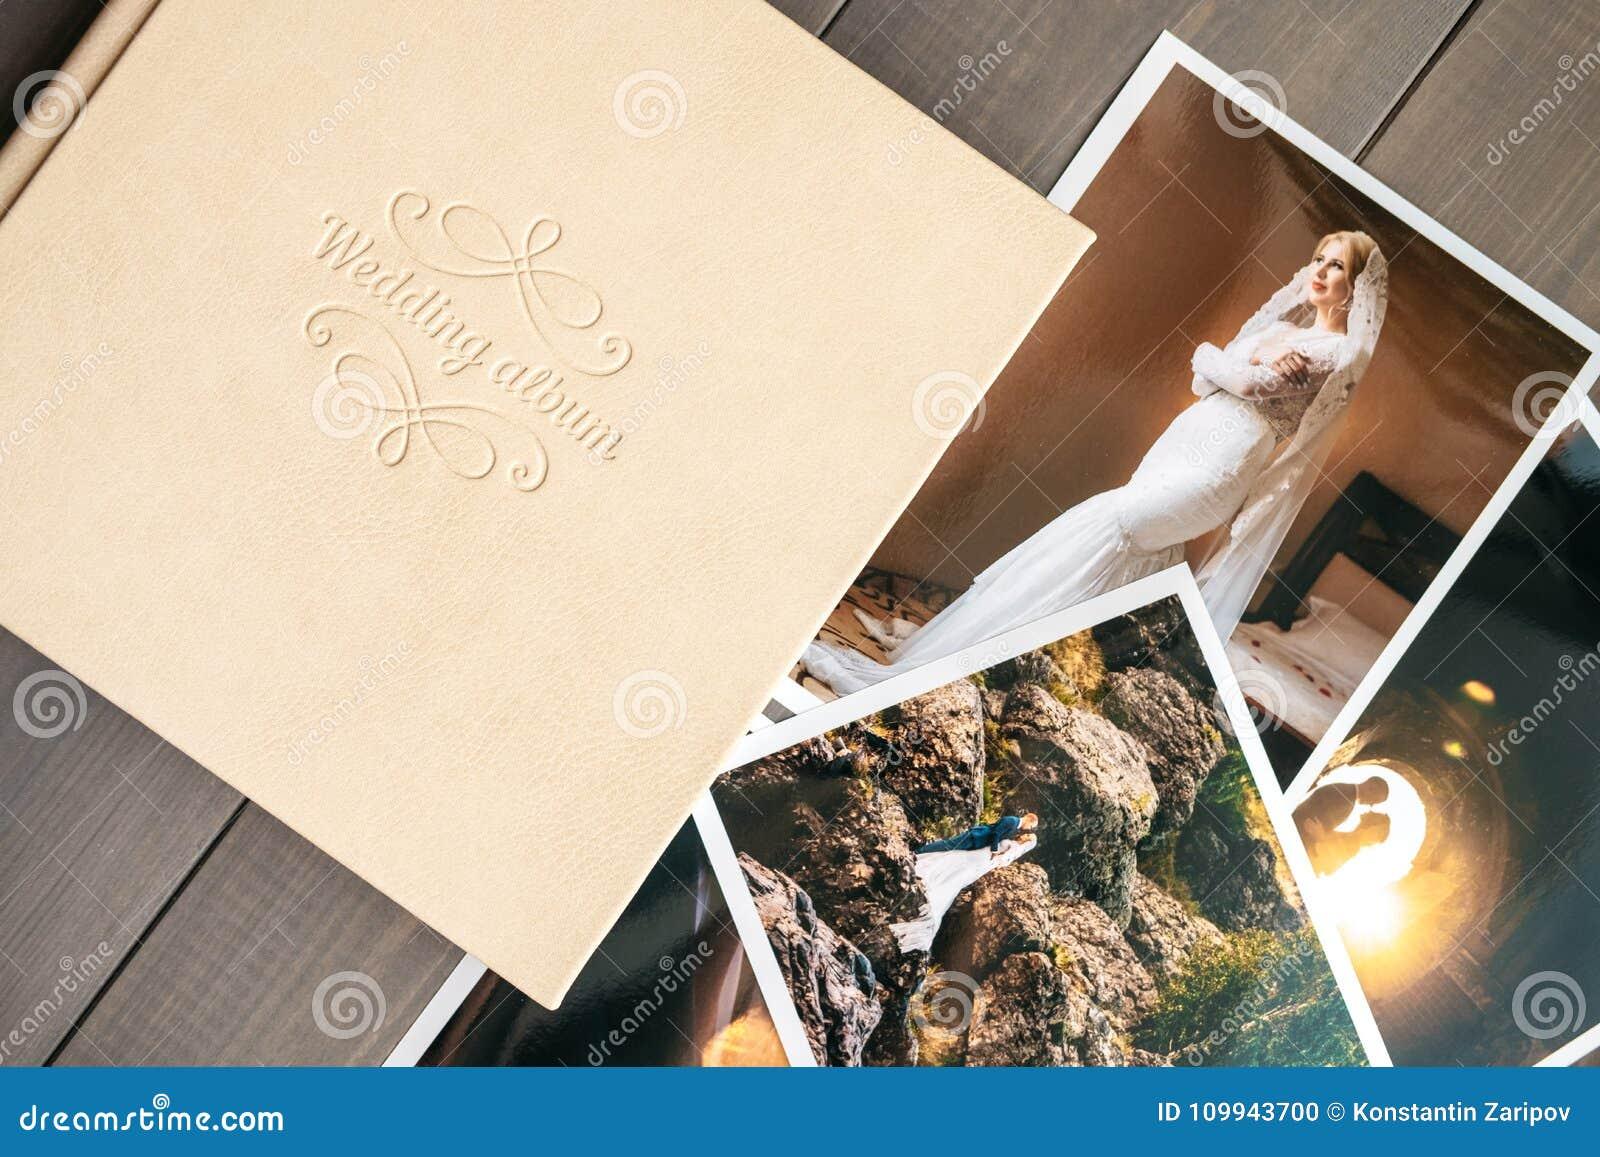 Альбом свадьбы белой кожи и напечатанные фото с женихом и невеста